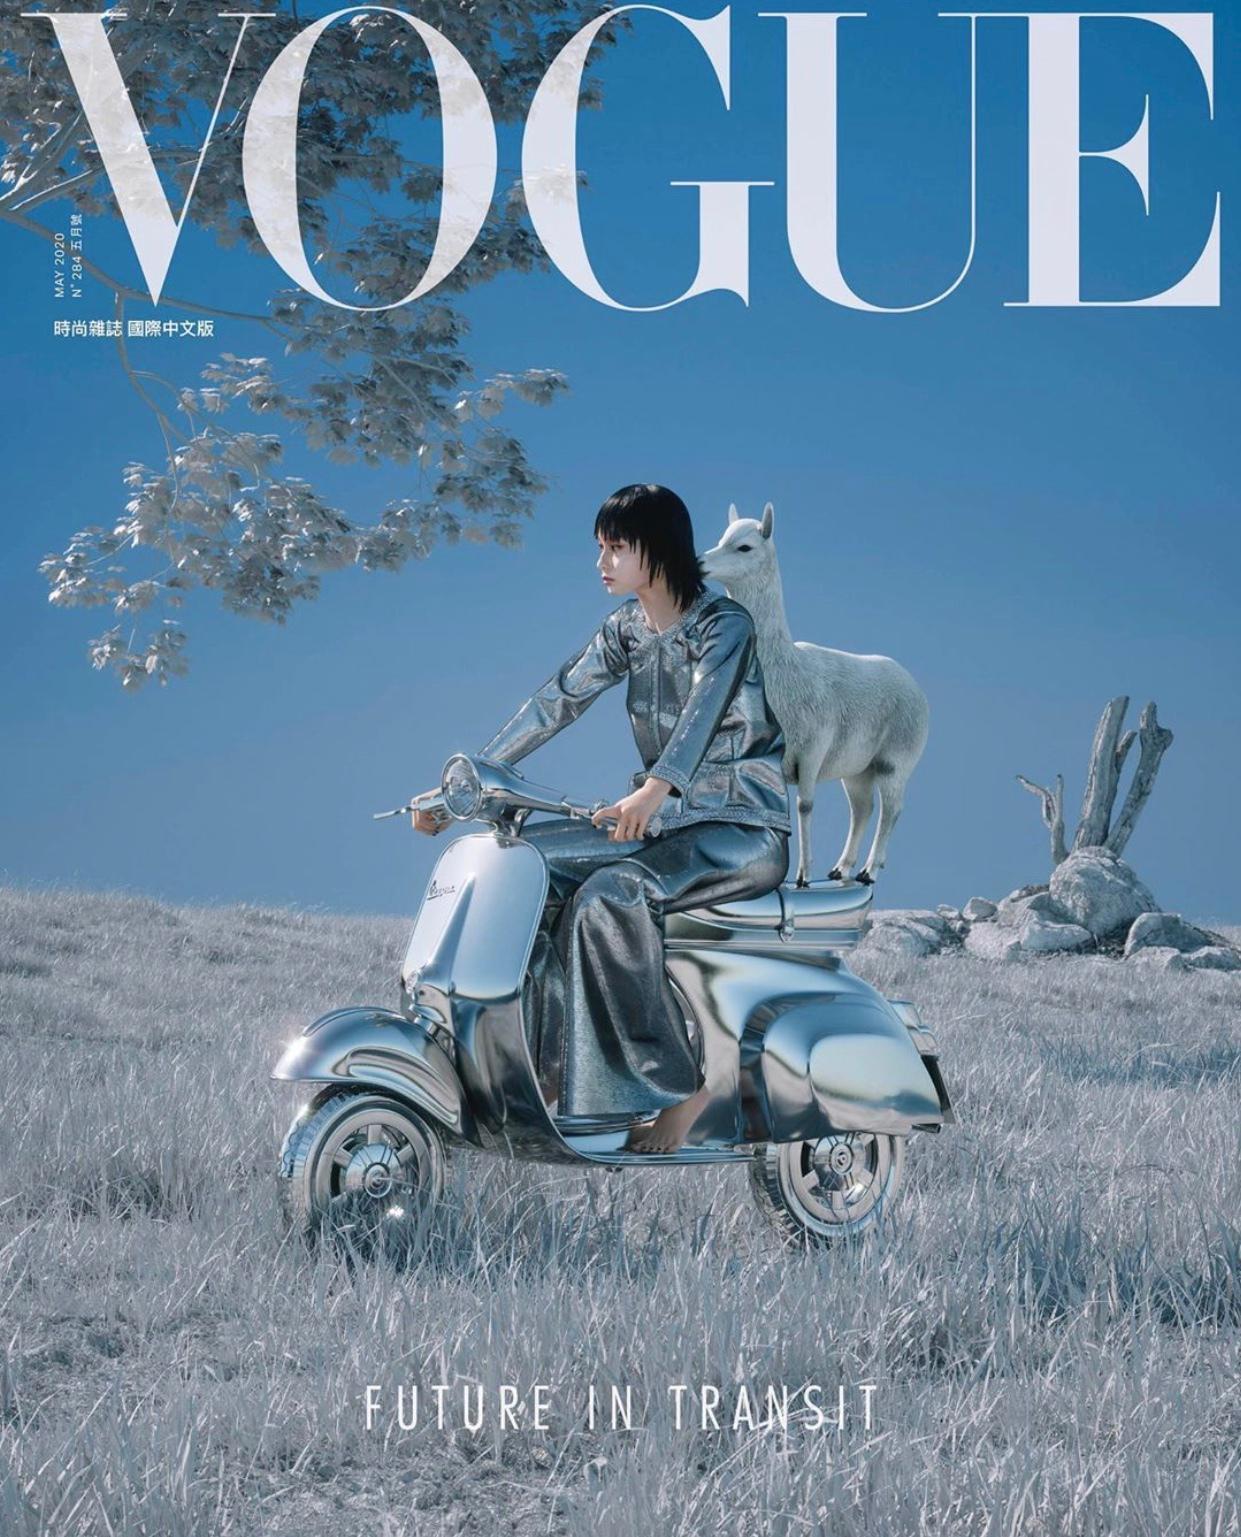 台湾版《Vogue》2020年5月刊未来风格封面……